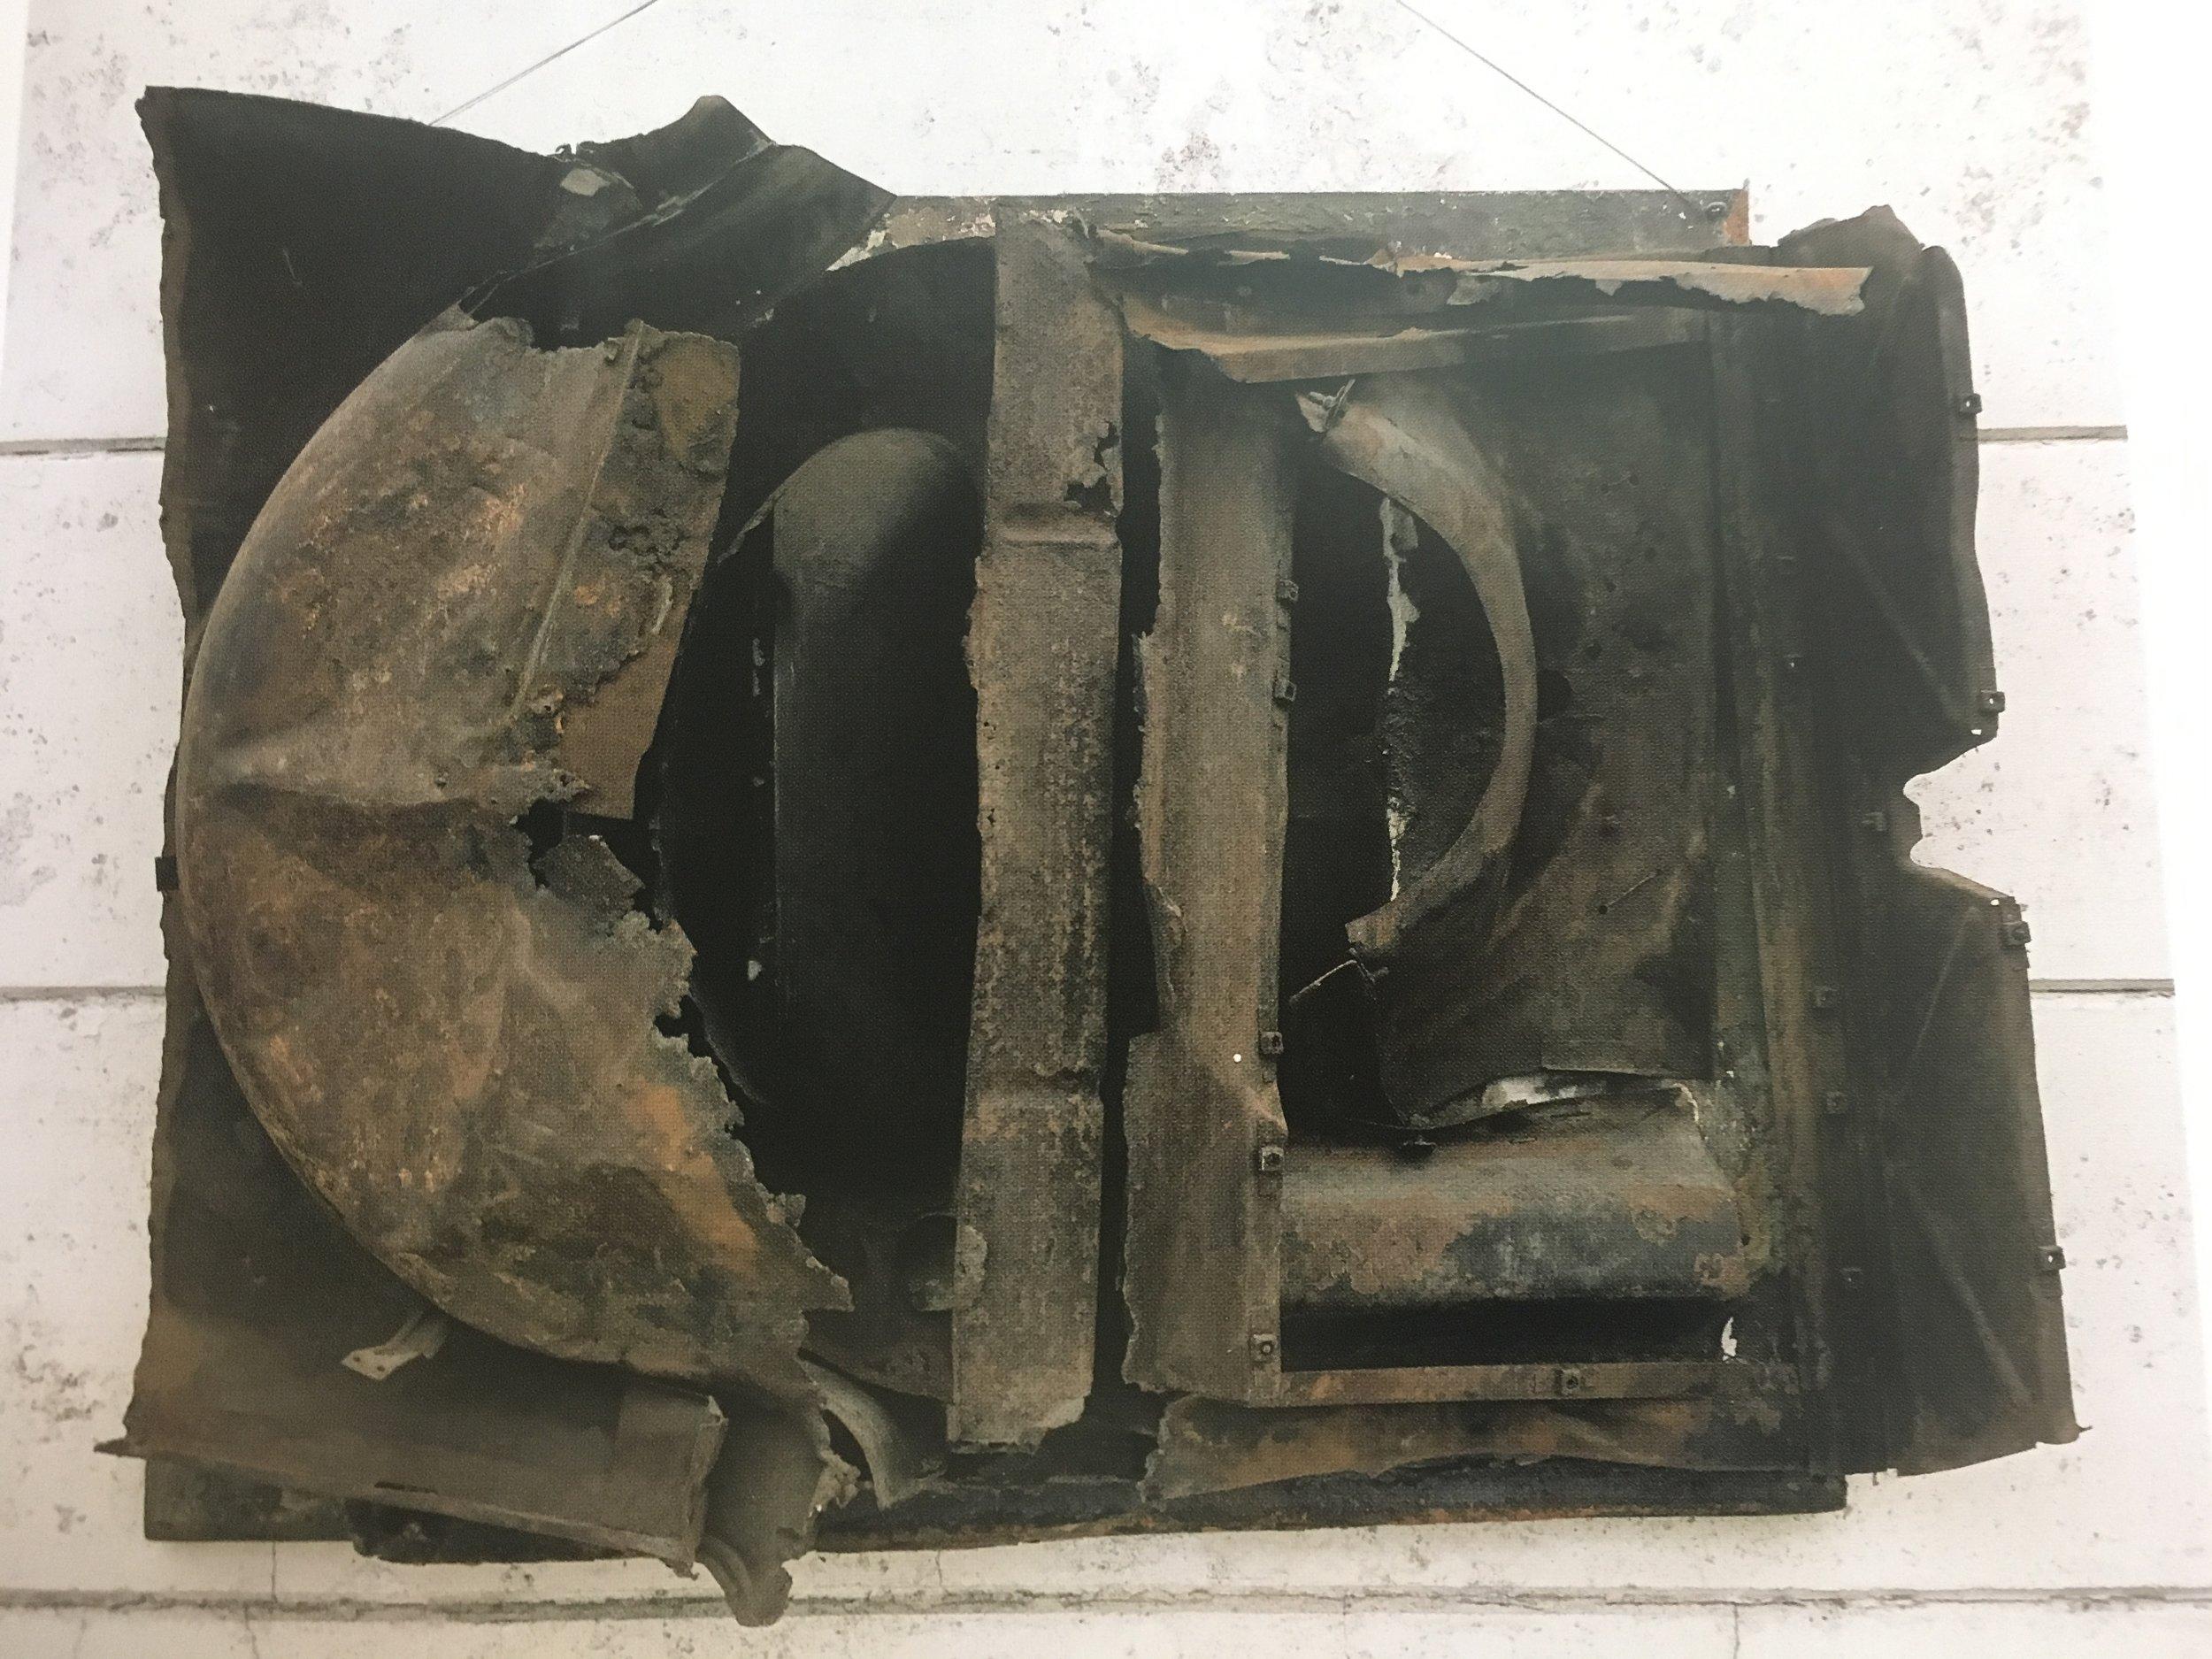 Bilskrotrelief, 1964. 100x135 cm. Tilhører Kunstmuseet Heart, Herning.